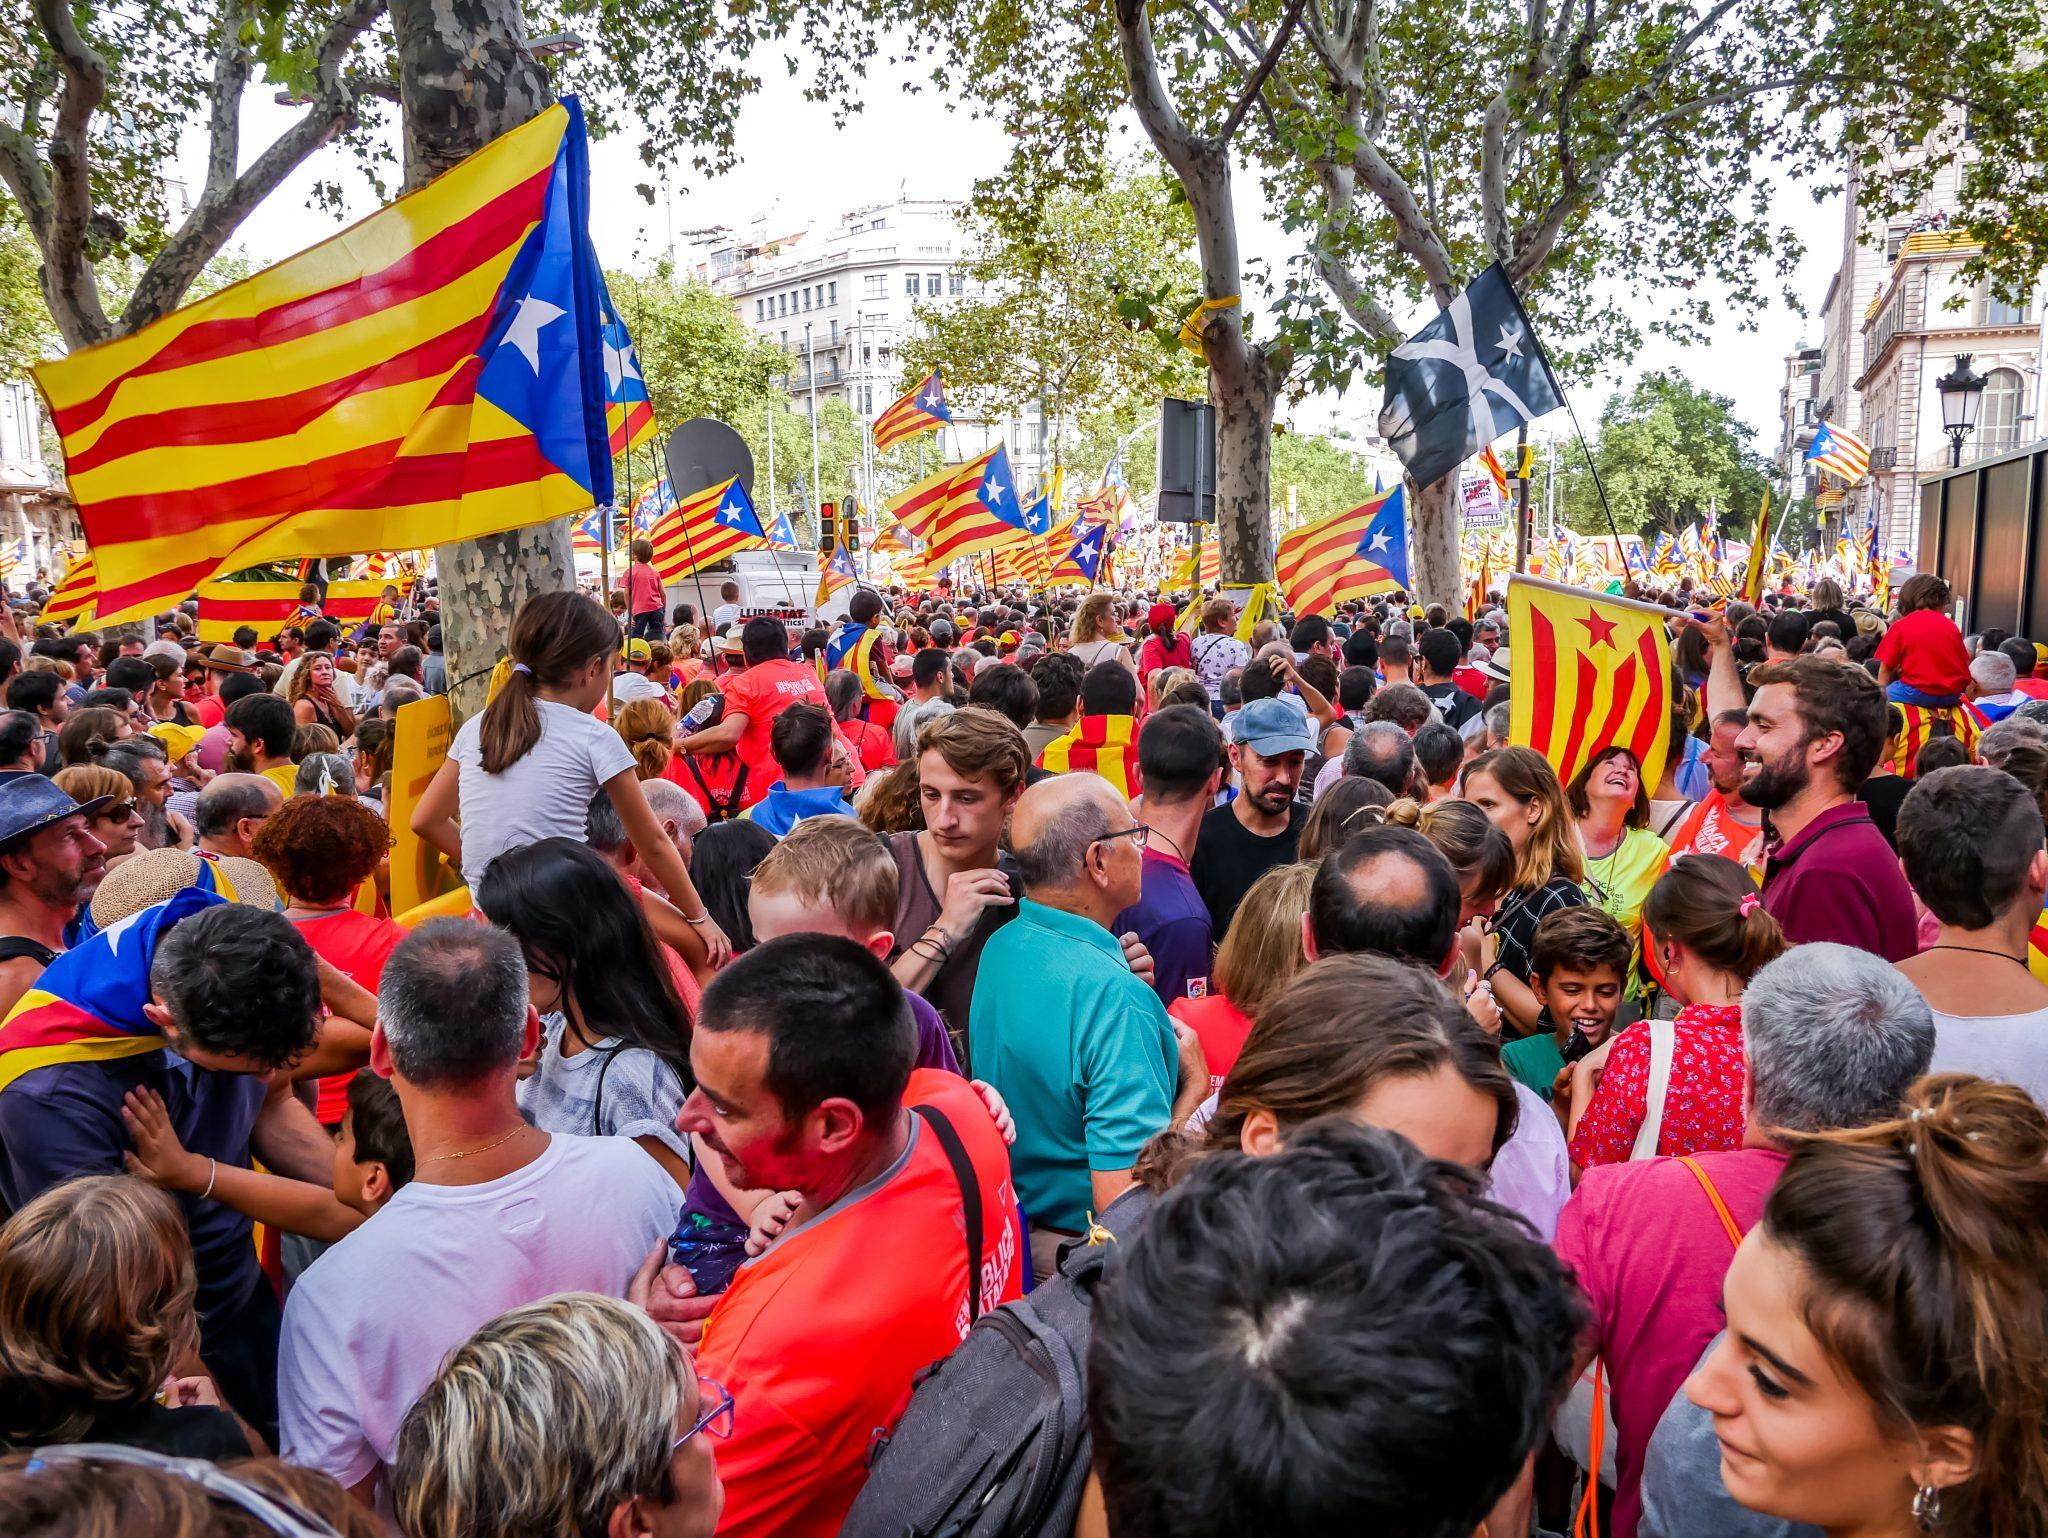 Sechs Kilometer lang erstreckte sich der Protestmarsch im Jahre 2018 am Dia de Cataluña durch die Straßen von Barcelona.